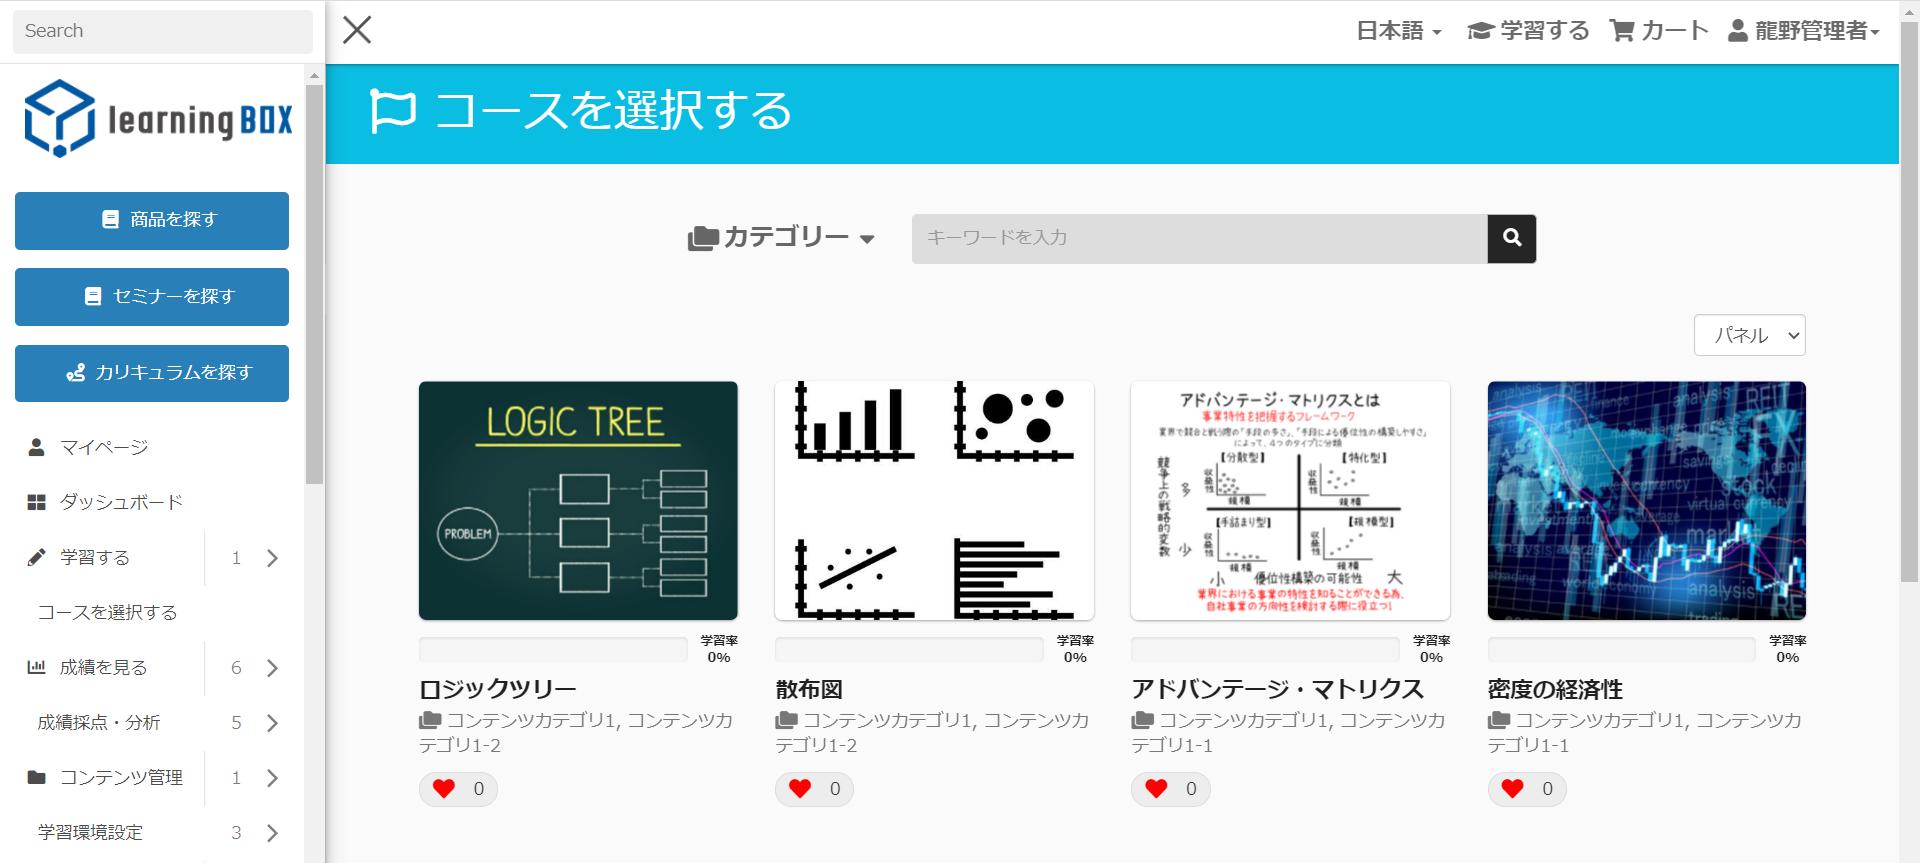 learningBOX-コース一覧画面の表示